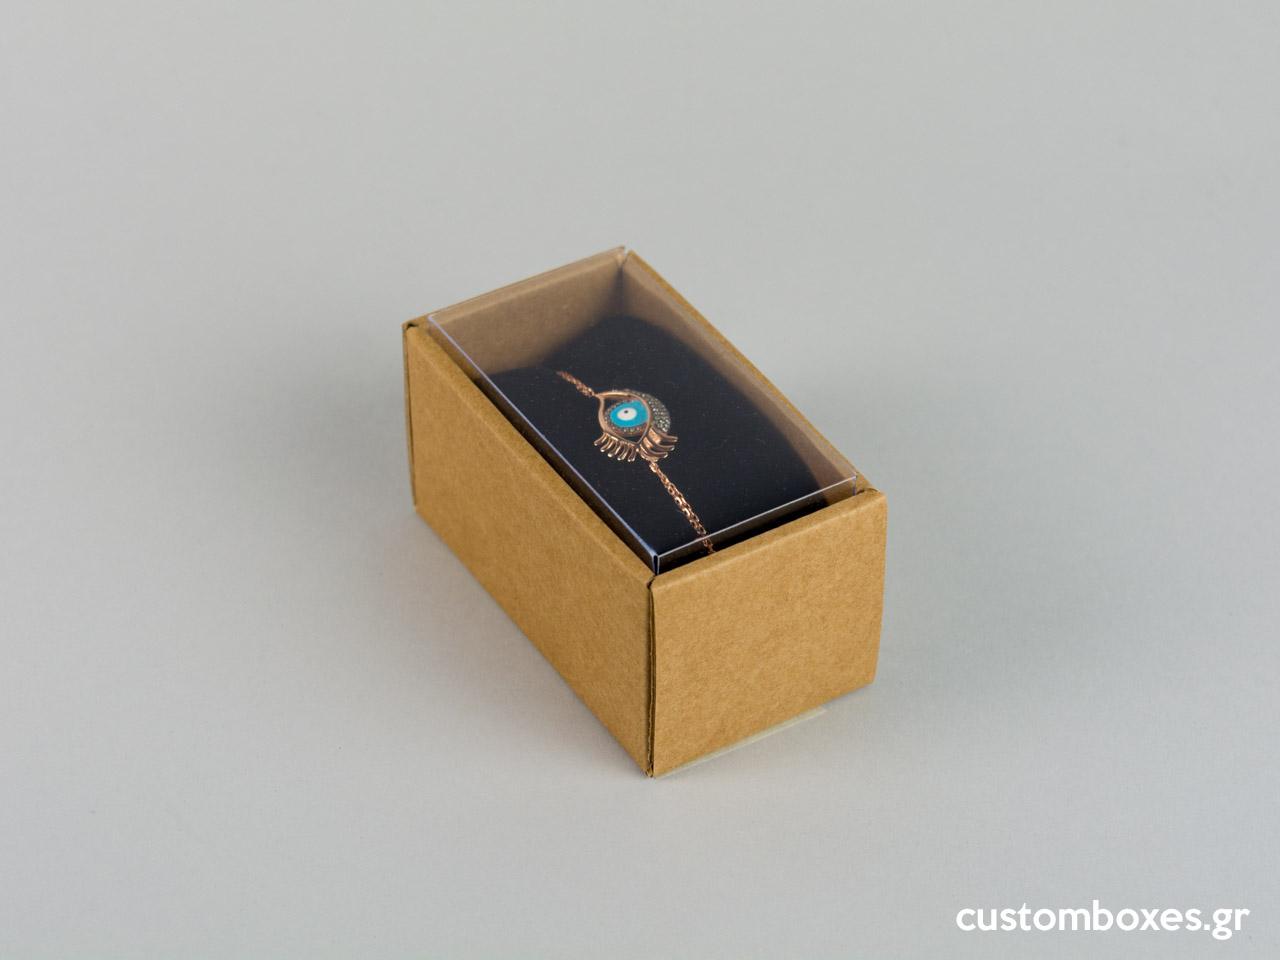 Οικολογικό κουτί kraft με διάφανο καπάκι και μαύρη βελούδινη βάση βραχιόλι